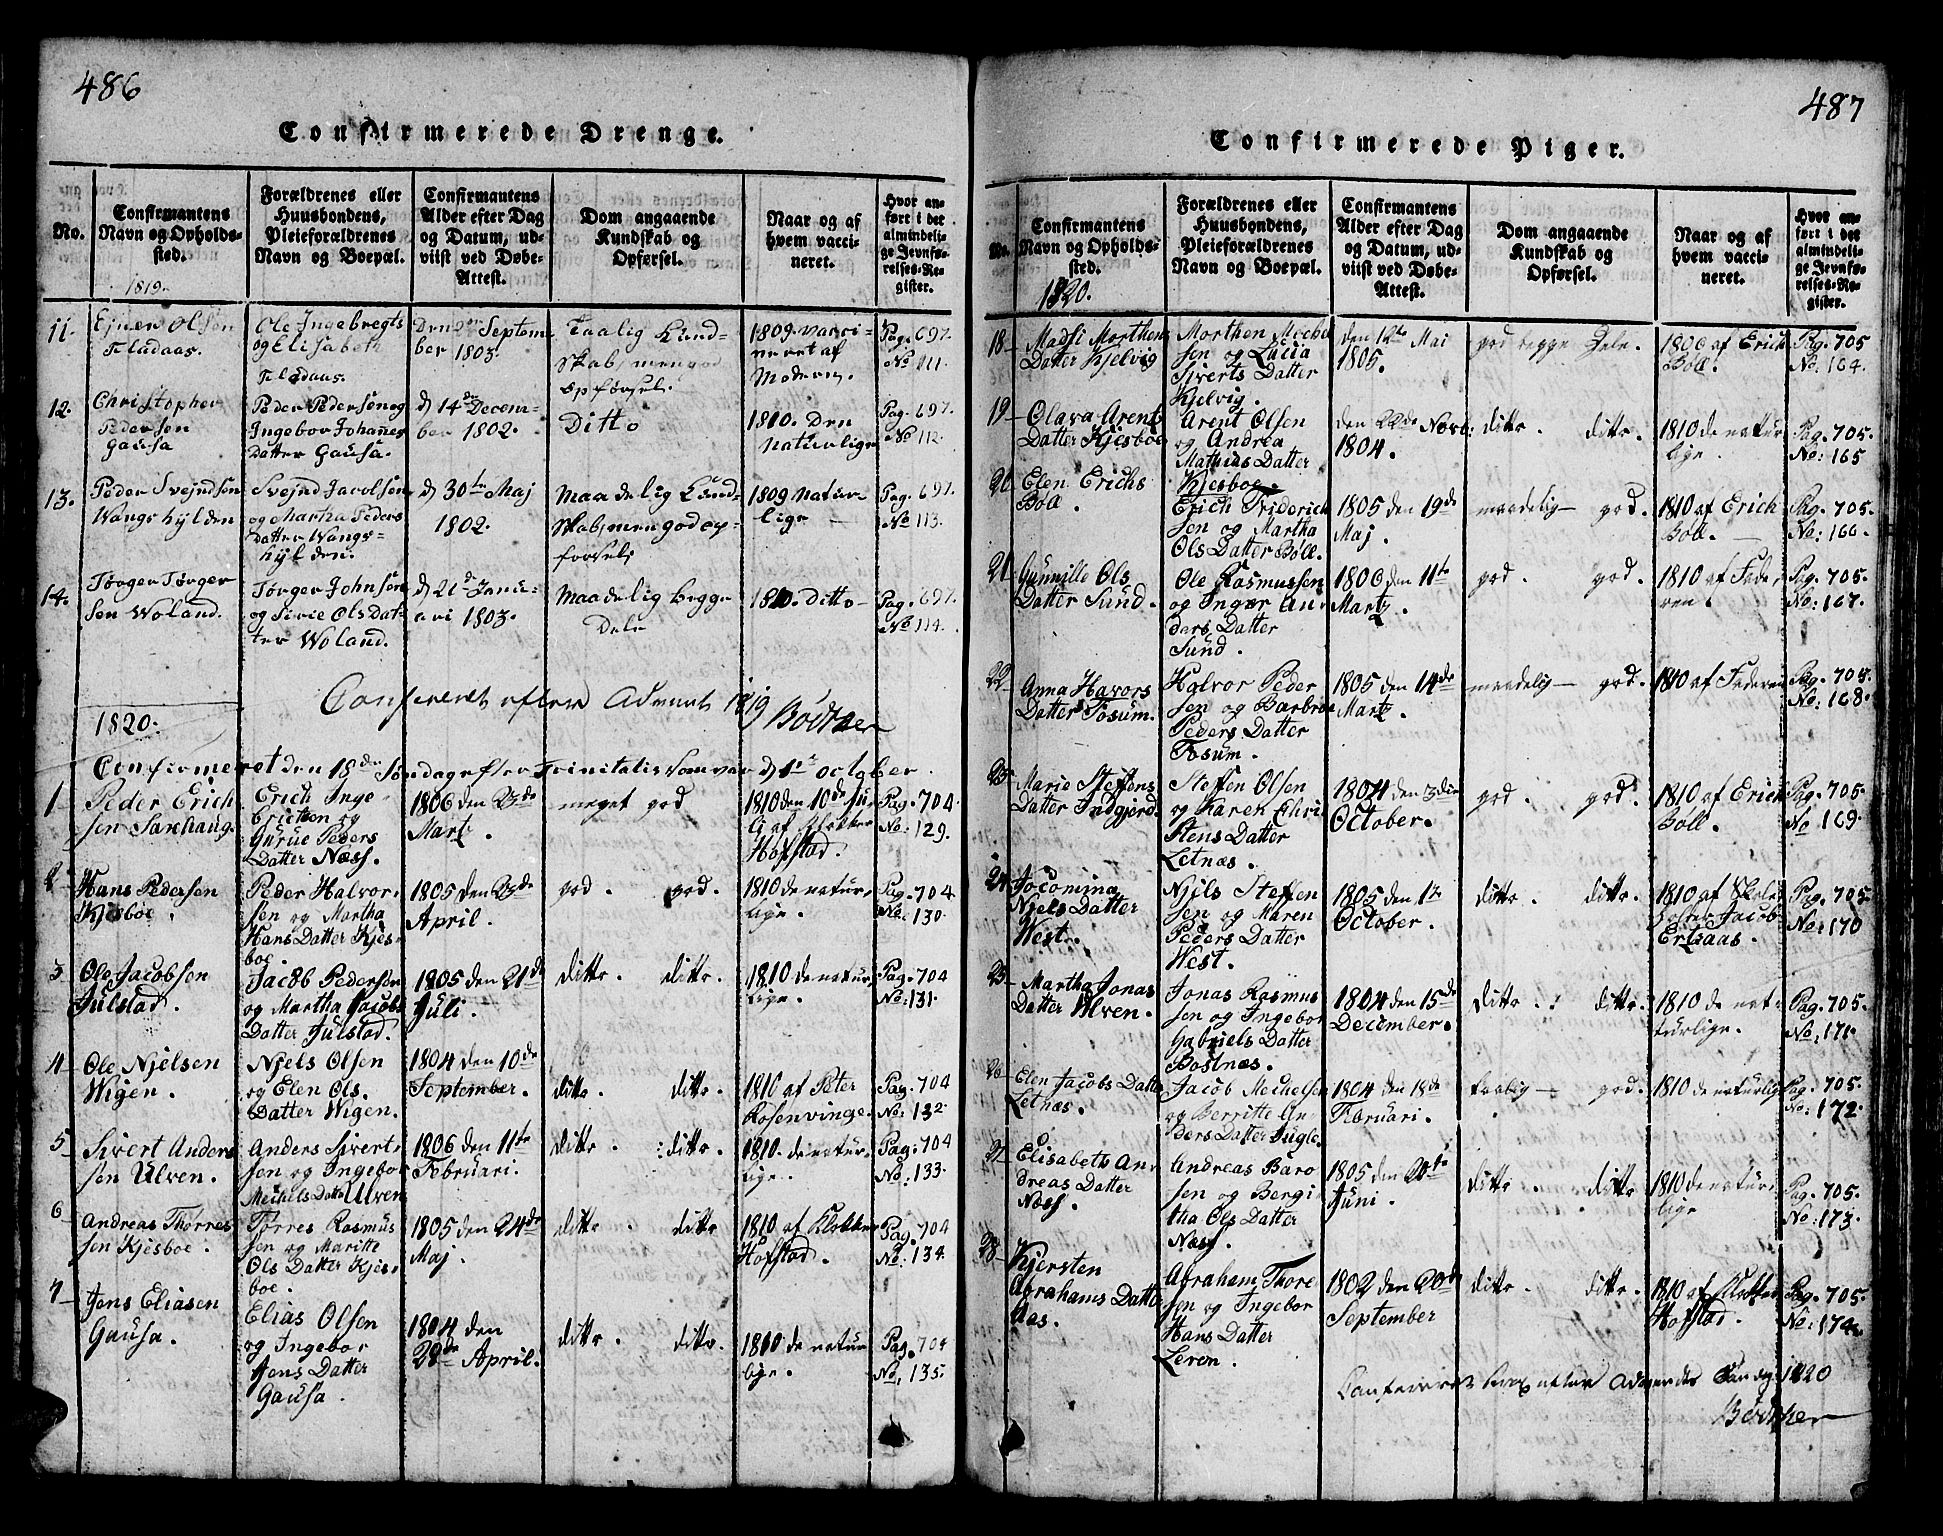 SAT, Ministerialprotokoller, klokkerbøker og fødselsregistre - Nord-Trøndelag, 730/L0298: Klokkerbok nr. 730C01, 1816-1849, s. 486-487